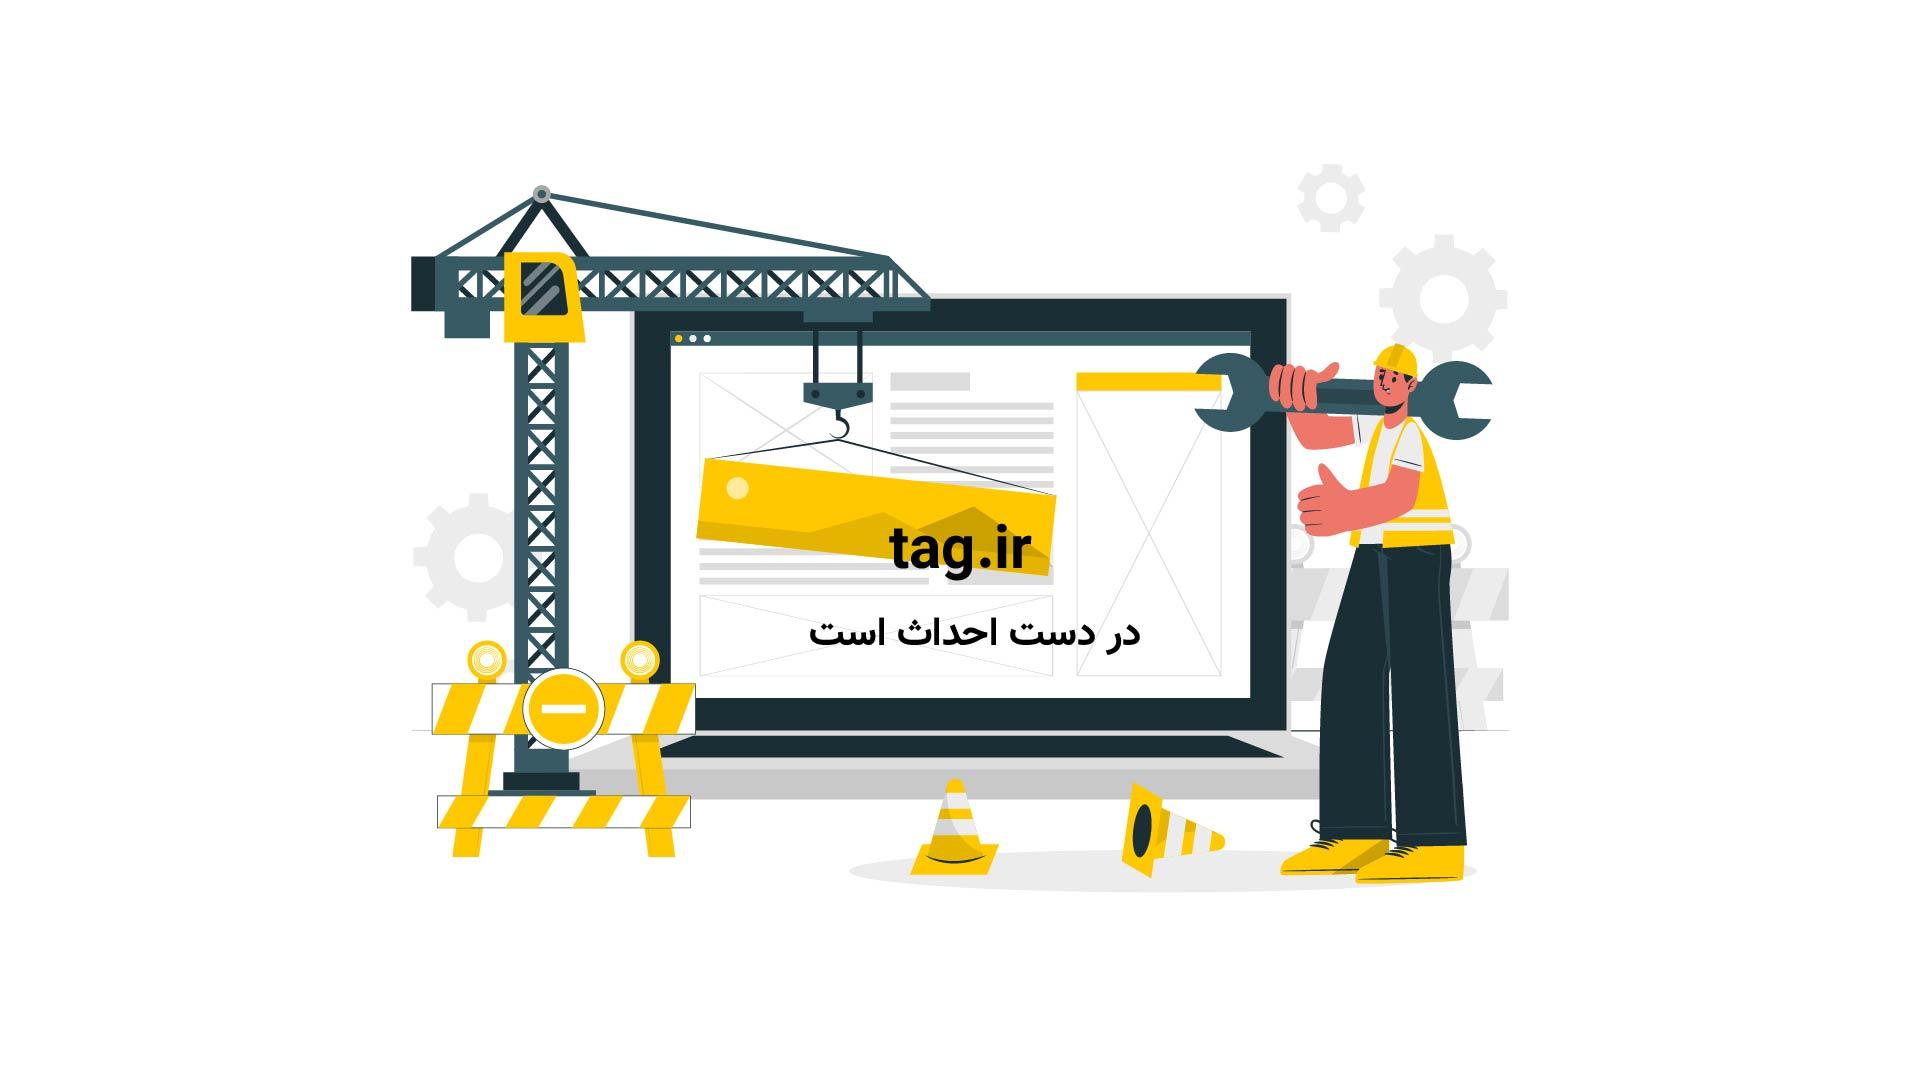 سخنرانی های تد ؛ از میانبرها چه میتوان آموخت |فیلم